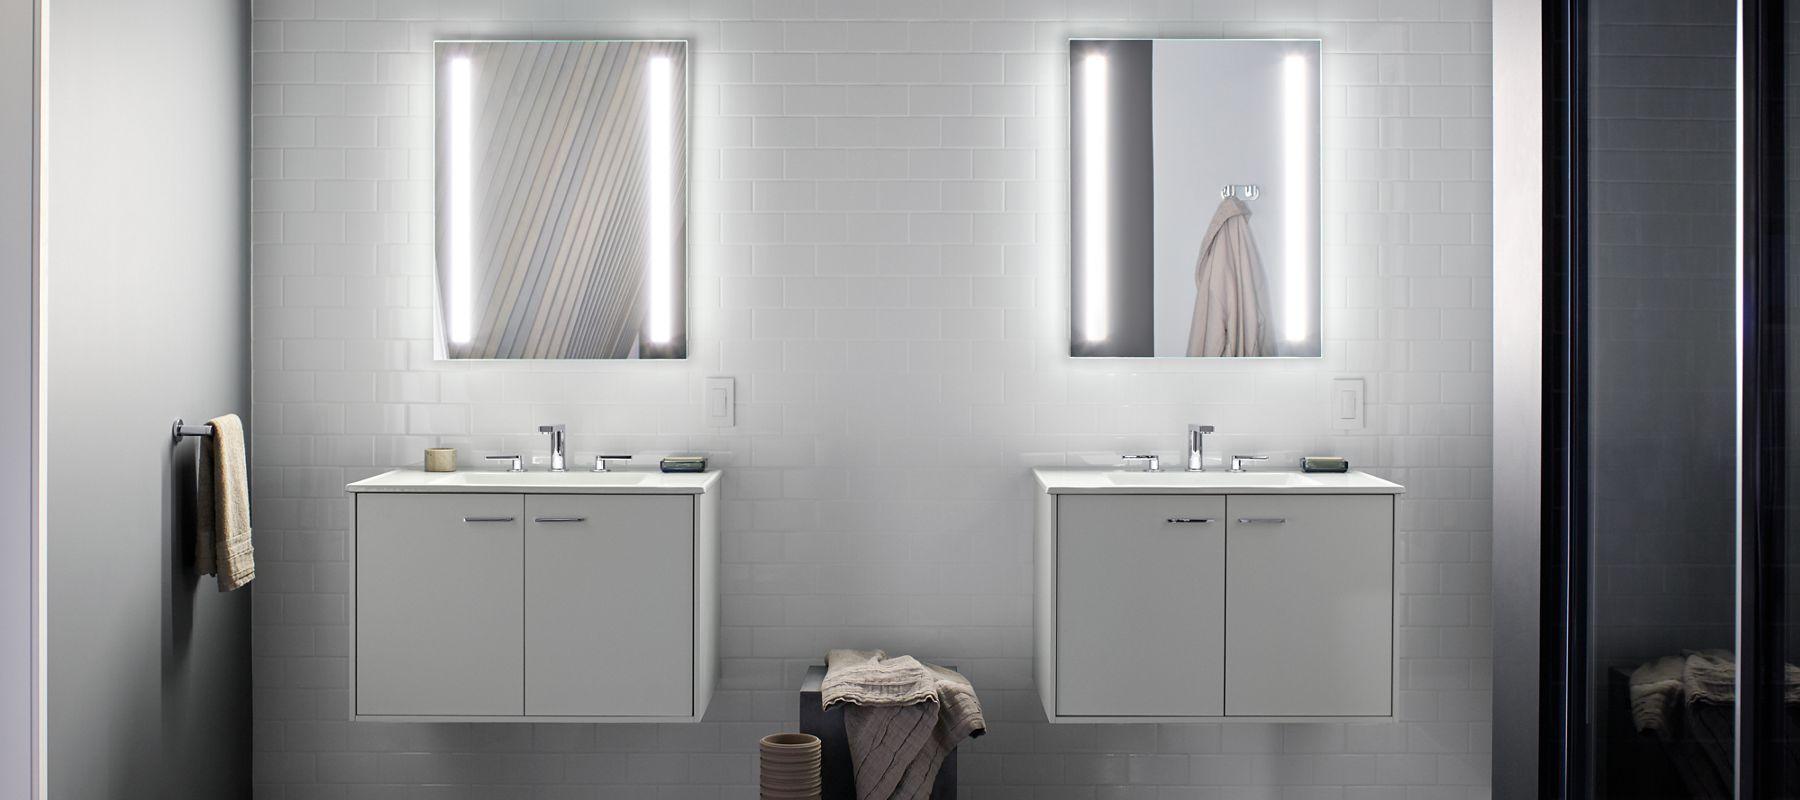 Bathroom Mirrors Bathroom Kohler Interior Paint Colors Best